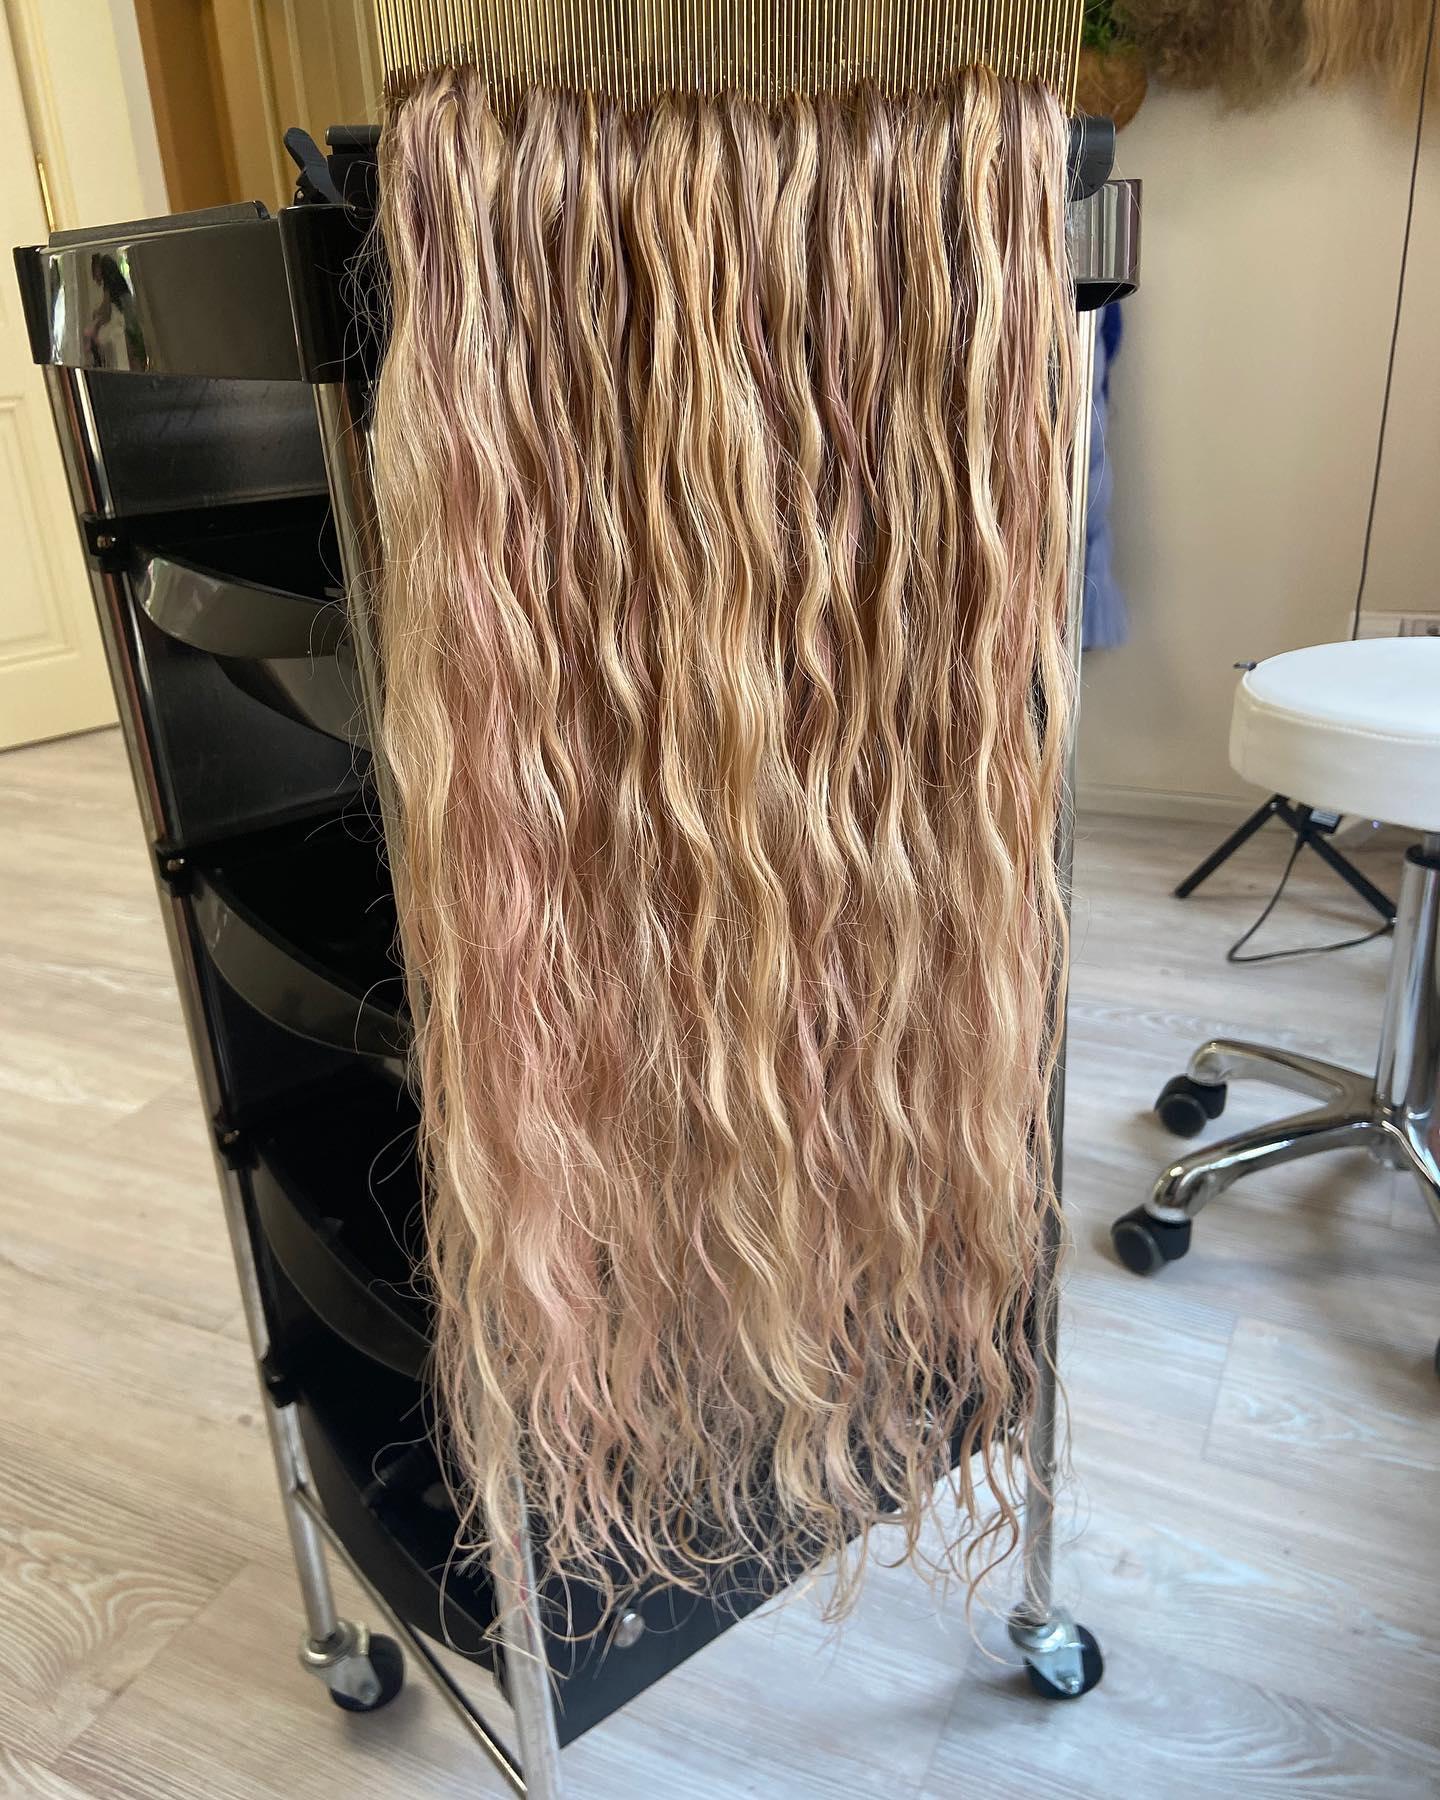 připrava keratinu na prodloužení vlasů Praha